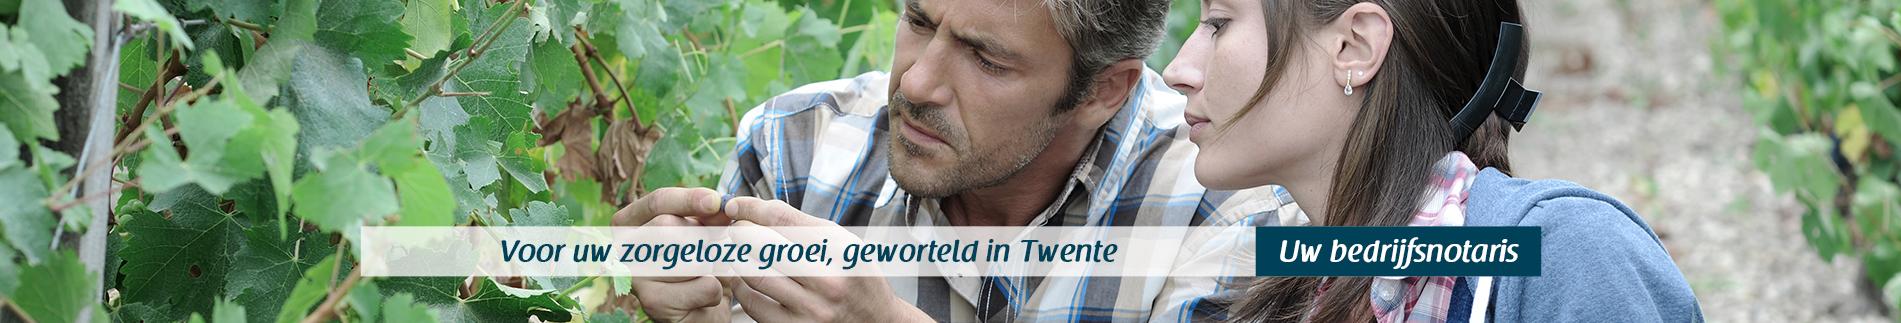 notaris-vriezenveen-agrarisch-bedrijfsnotaris